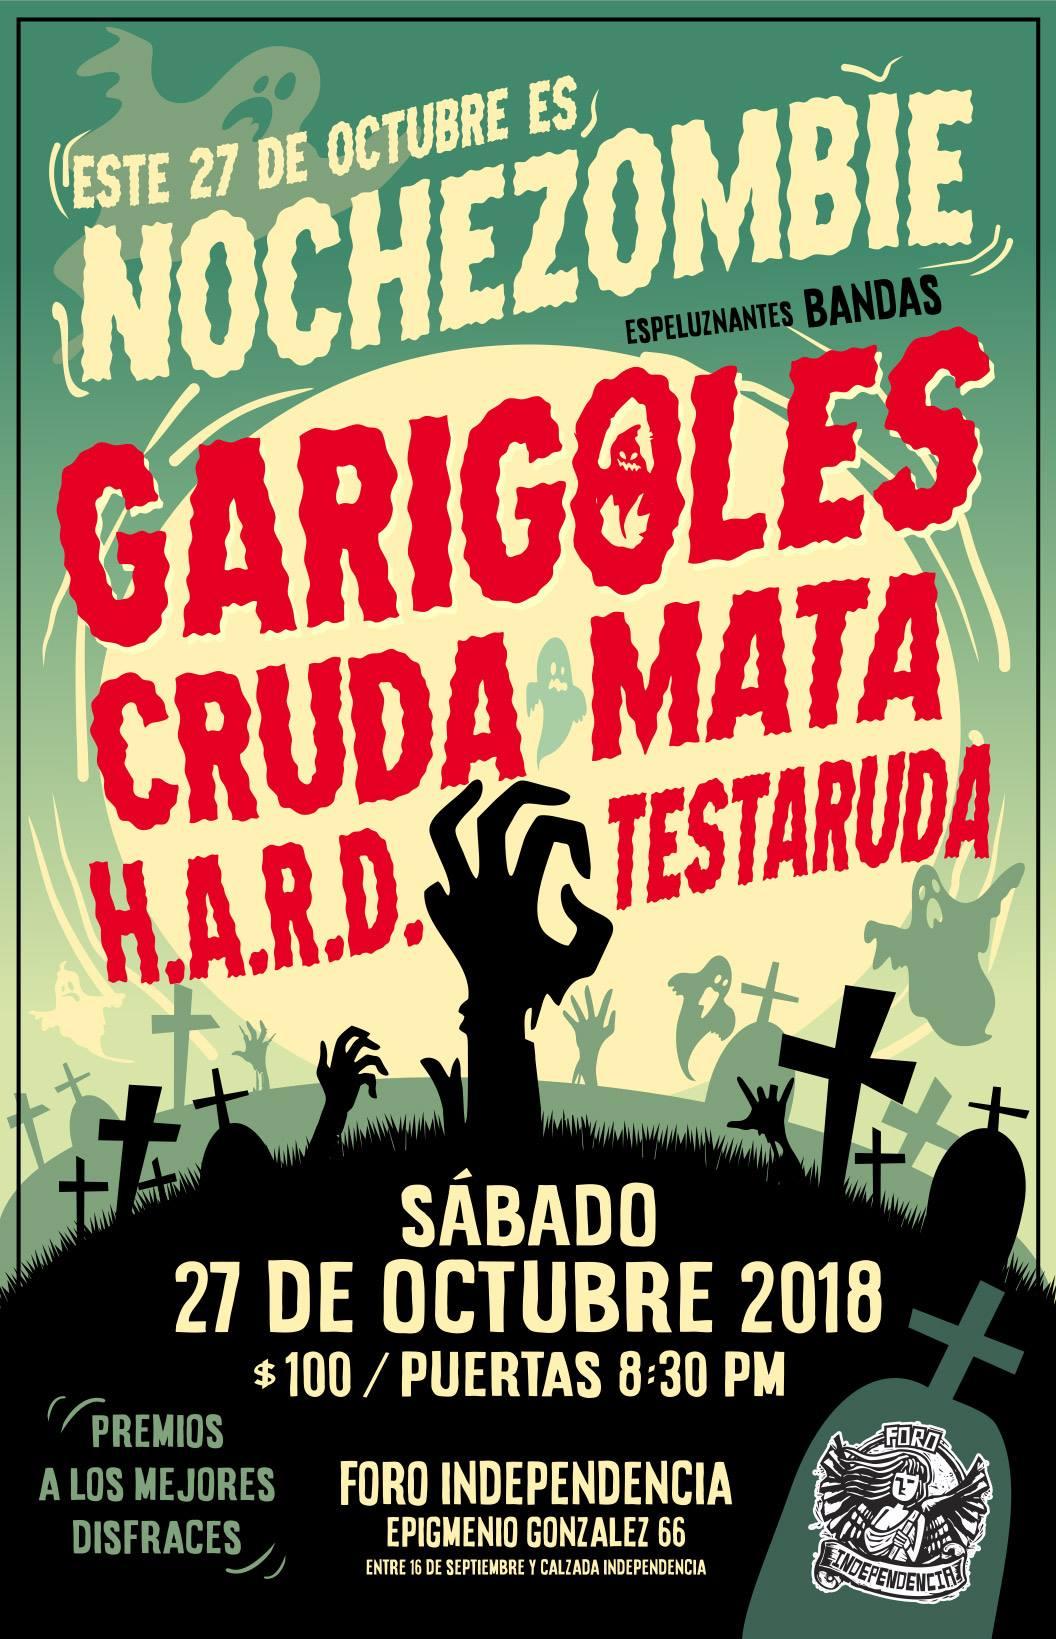 Noche Zombie con Los Garigoles - 27 de Octubre @ Foro Independencia